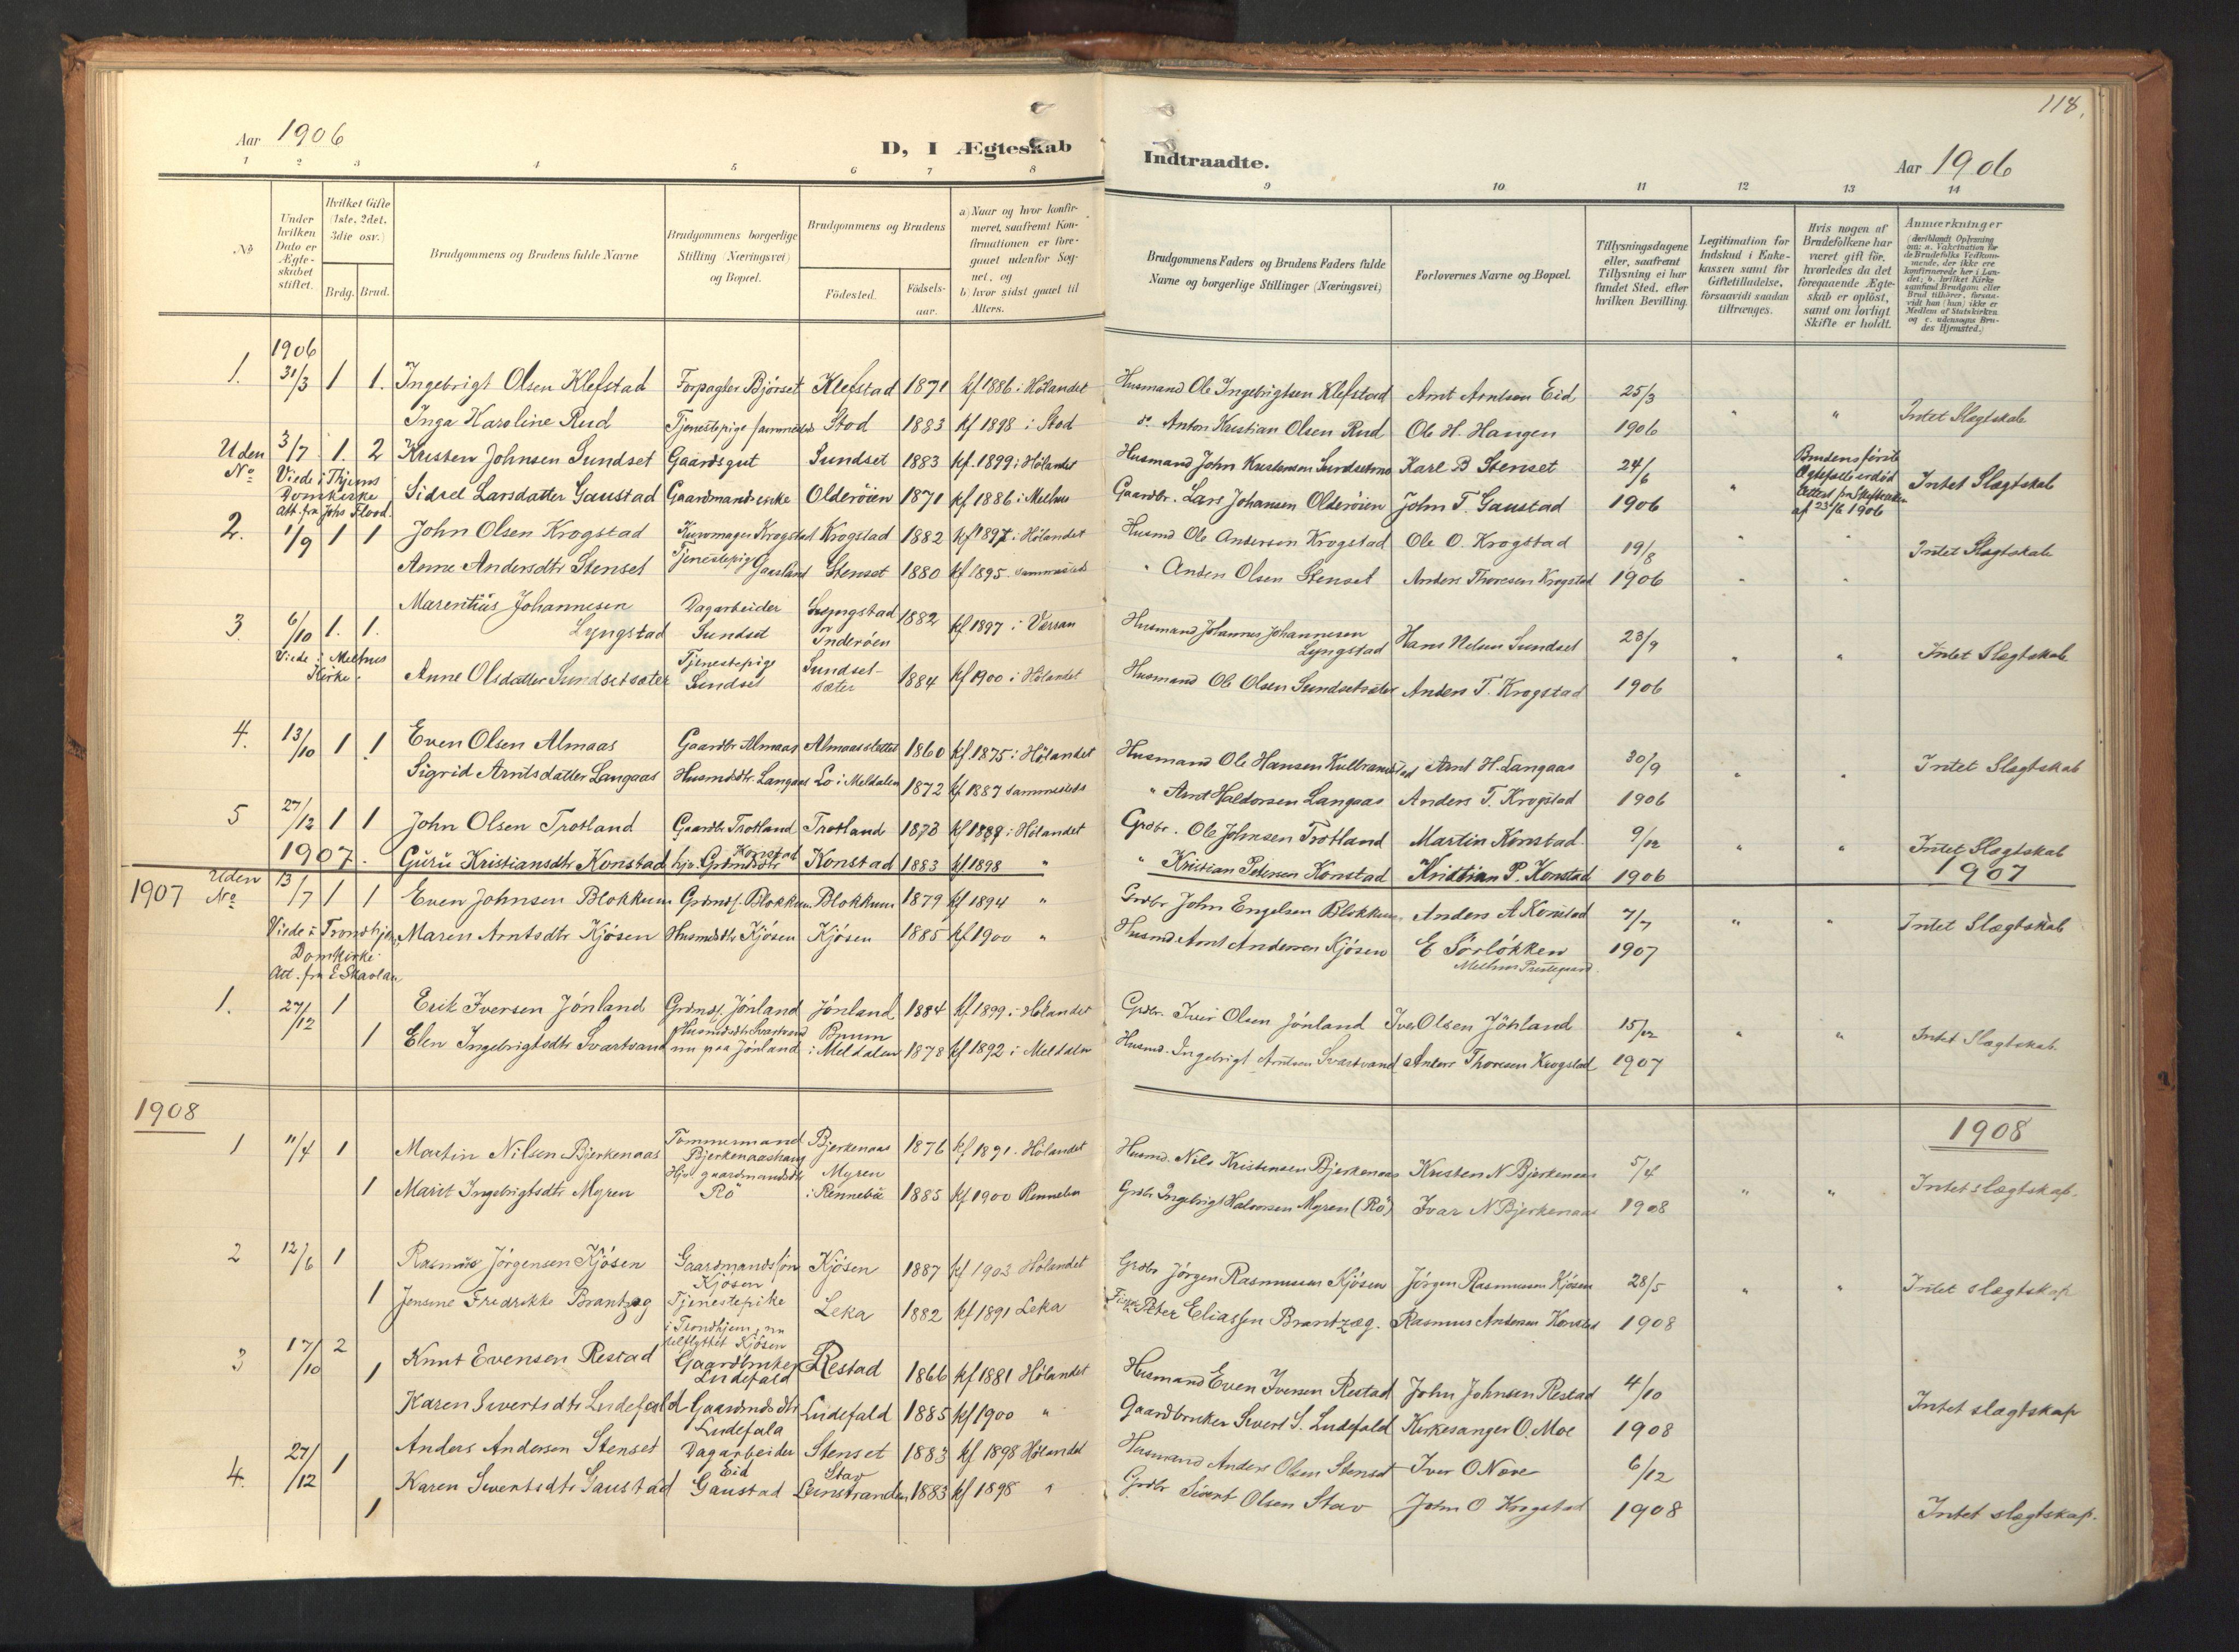 SAT, Ministerialprotokoller, klokkerbøker og fødselsregistre - Sør-Trøndelag, 694/L1128: Ministerialbok nr. 694A02, 1906-1931, s. 118